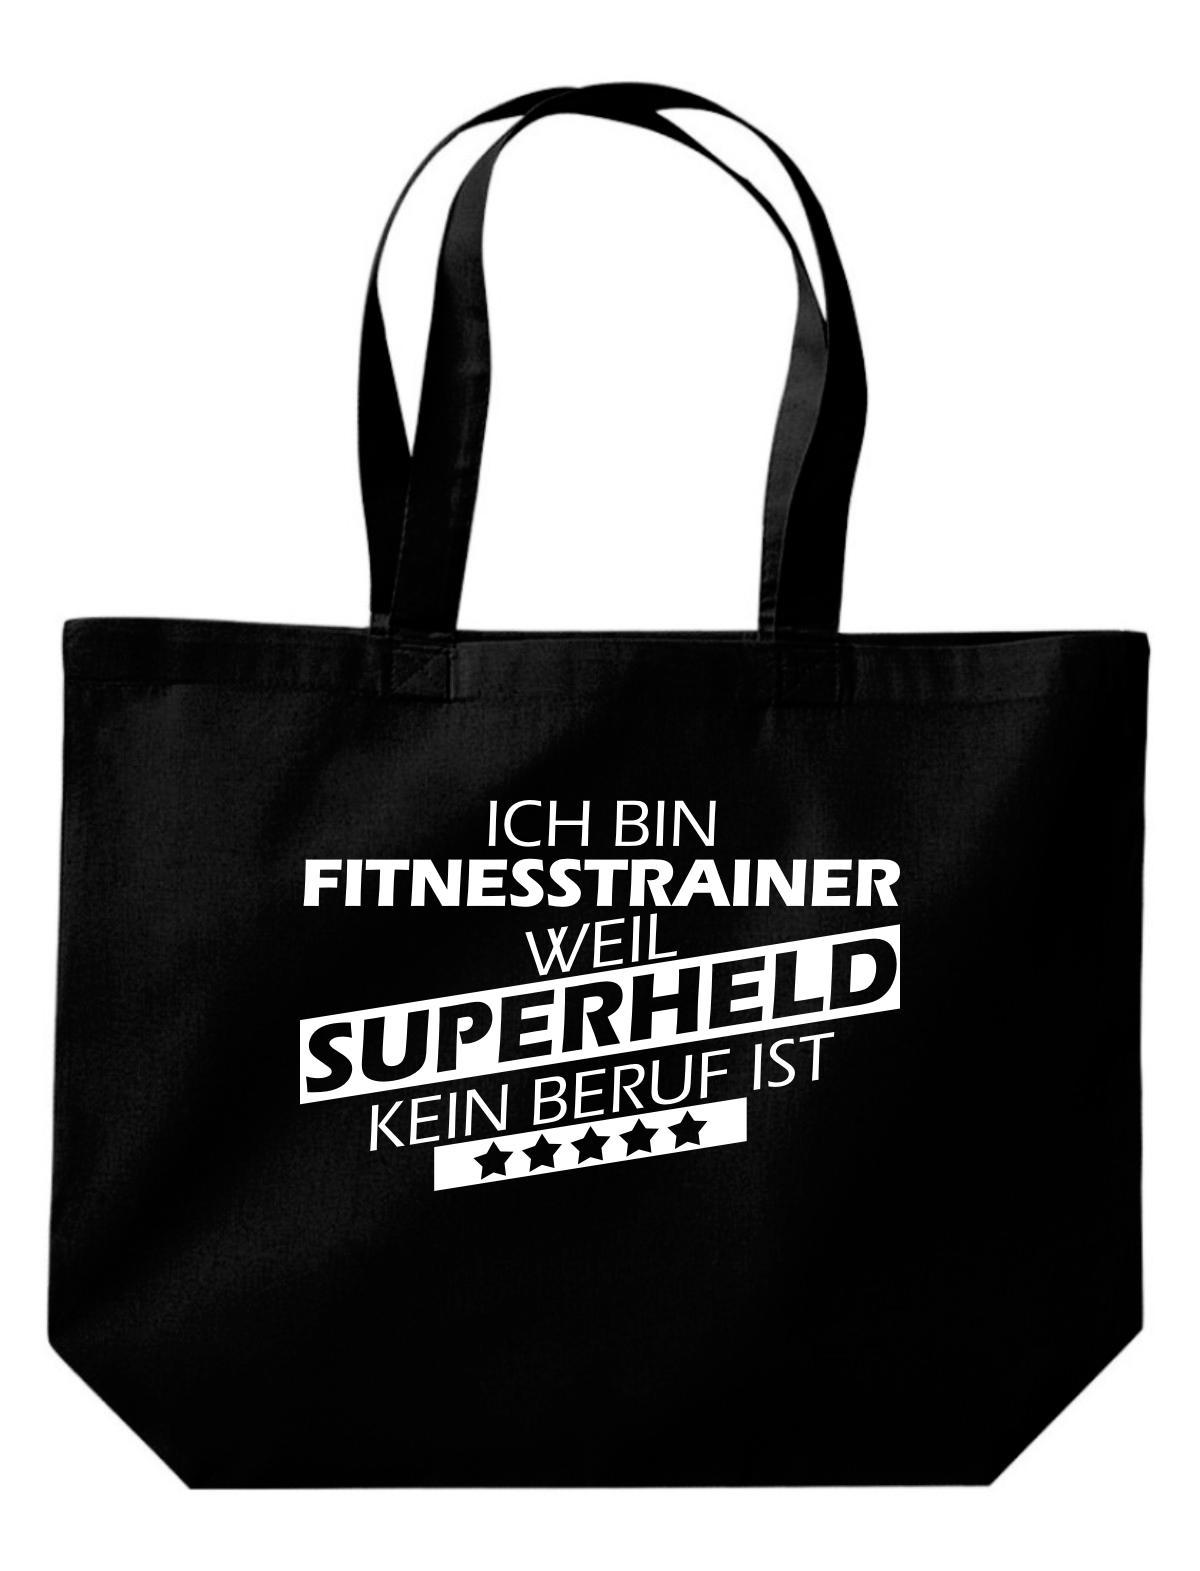 große Einkaufstasche, Ich bin Fitnesstrainer, weil Superheld kein Beruf ist,